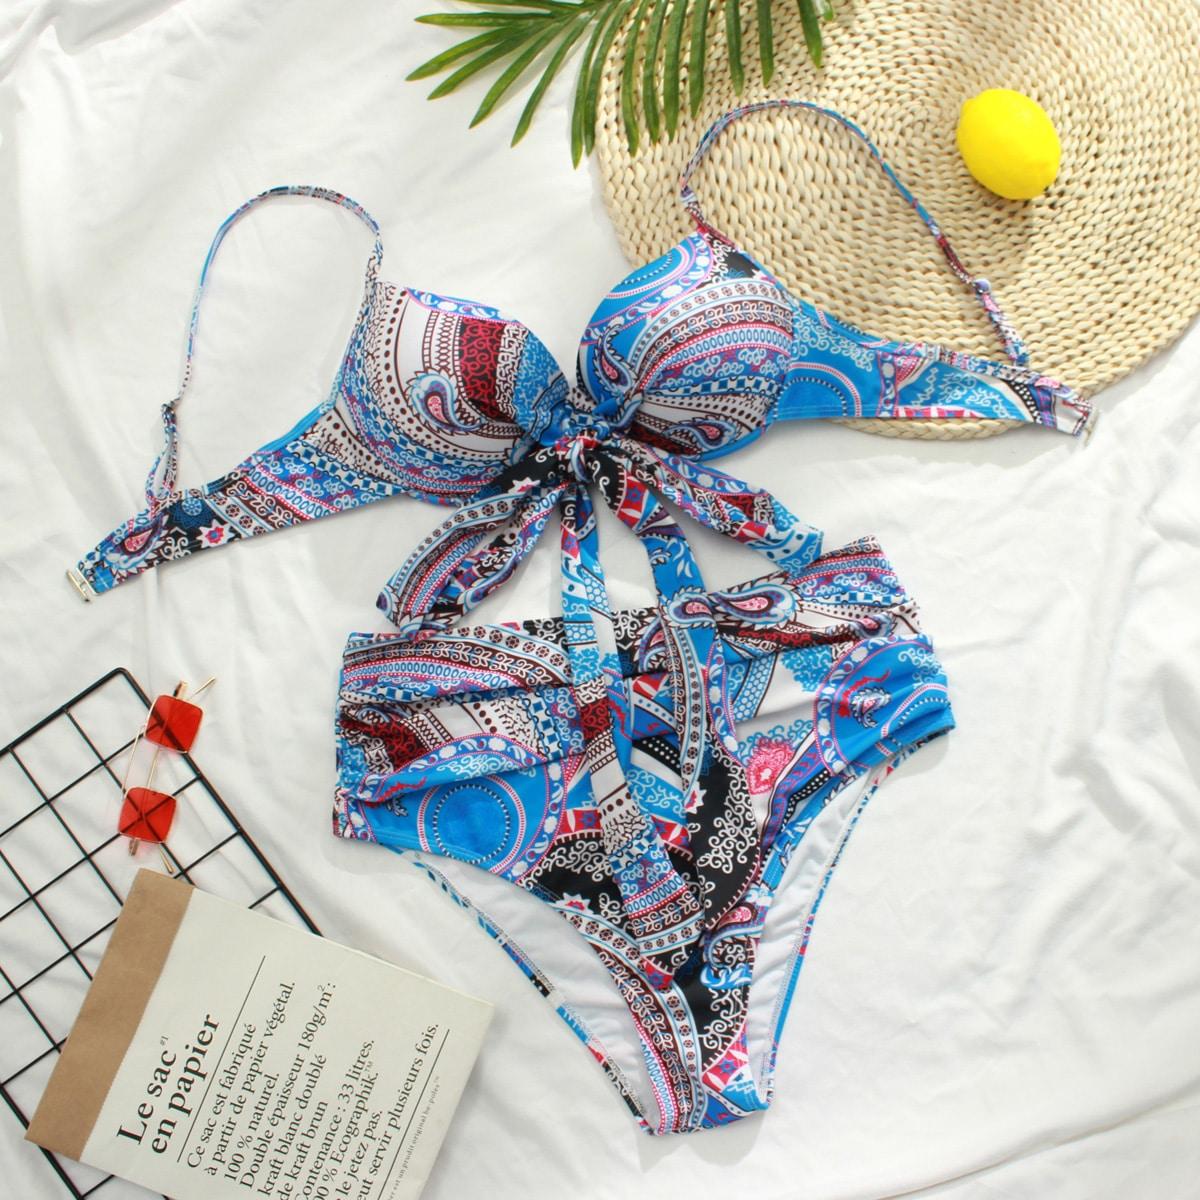 Plus Paisley Print Twist Underwire Bikini Swimsuit, SHEIN  - buy with discount